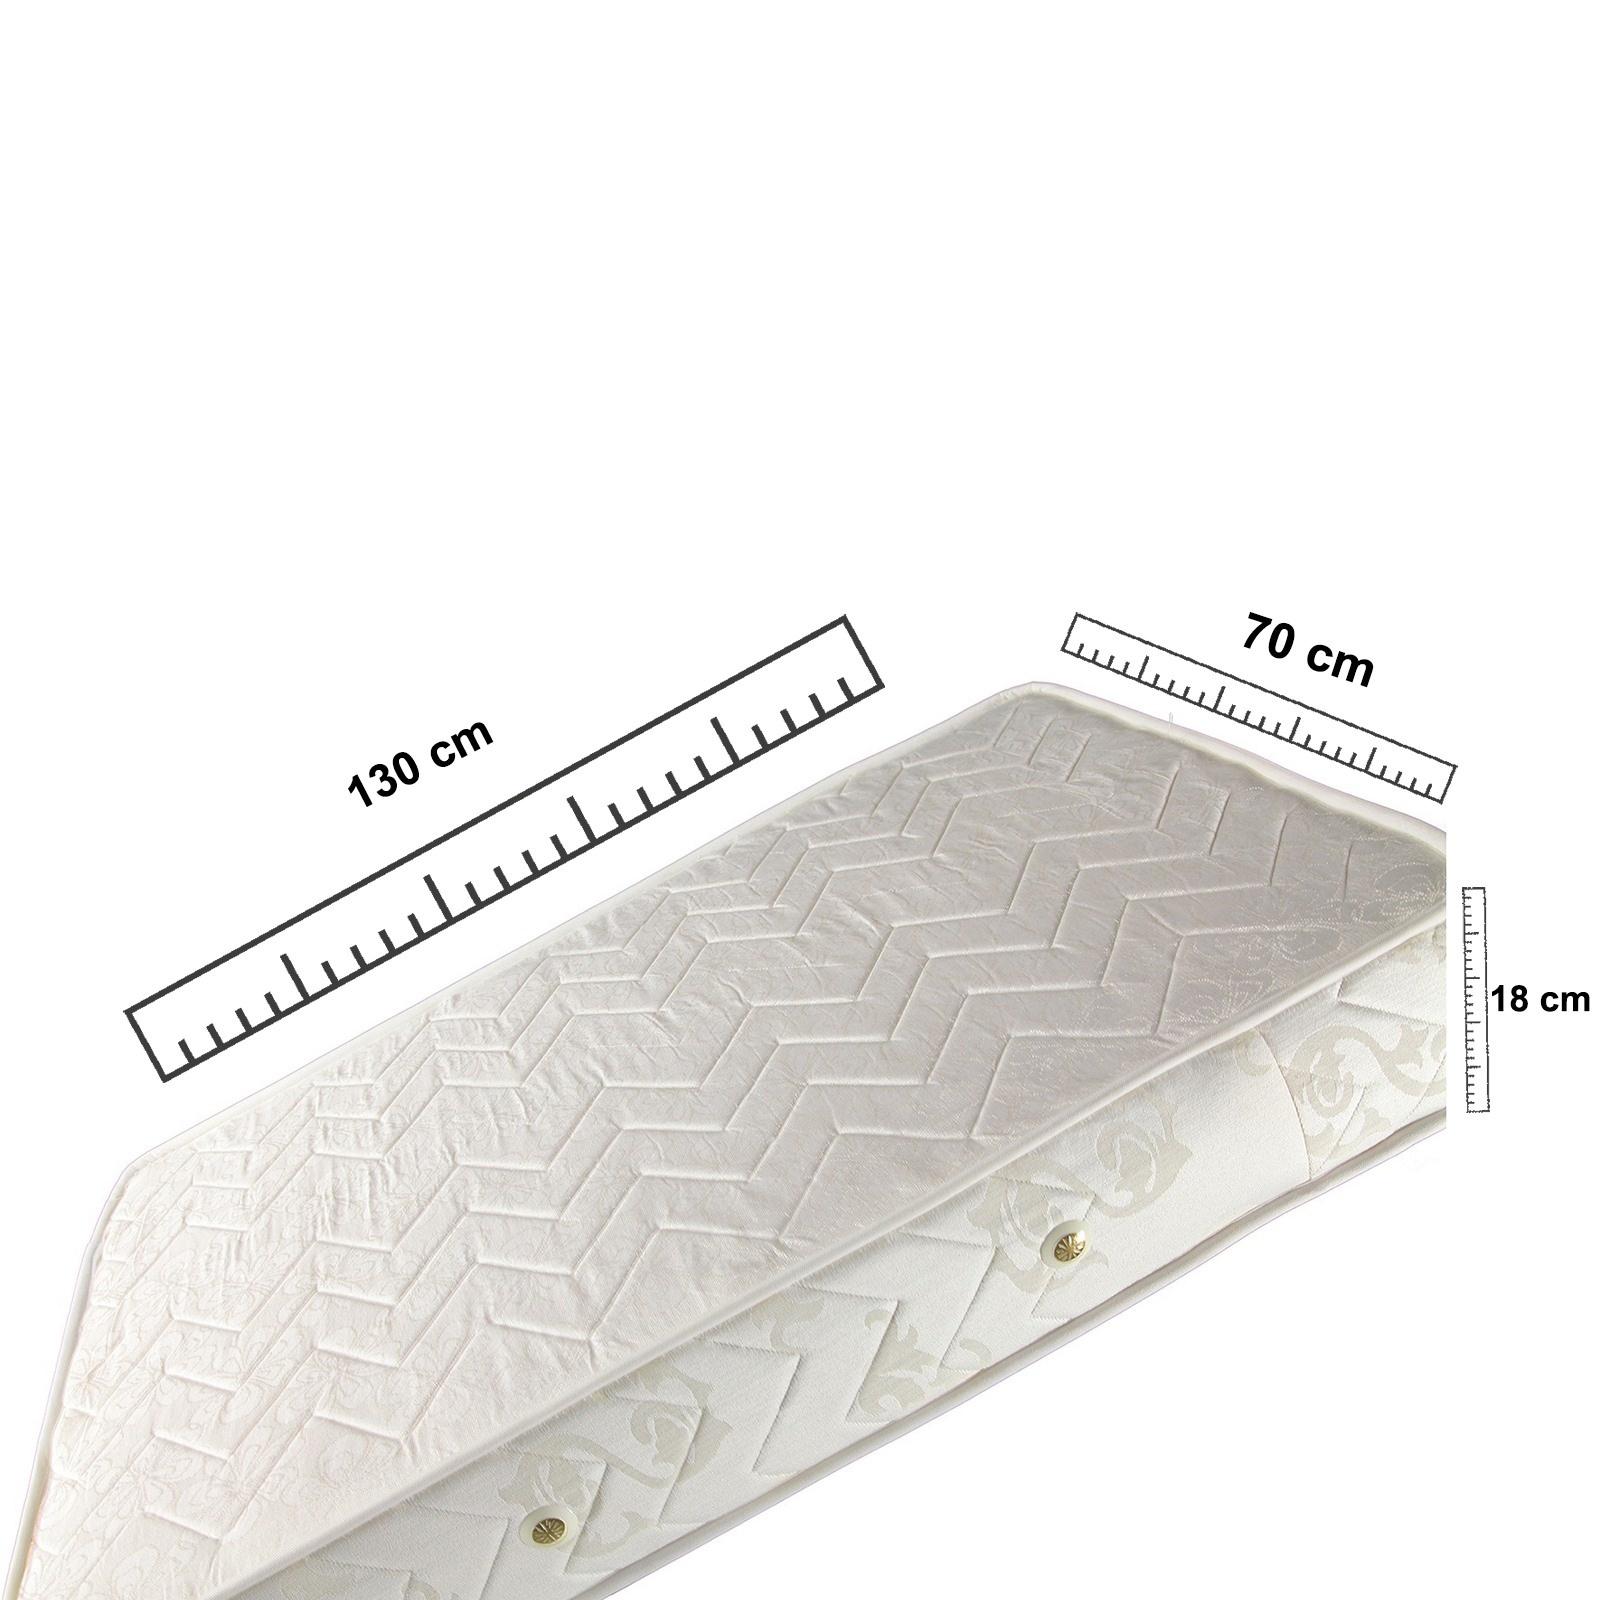 İzabella Vardı Ortopedik Yaylı Yatak 70x130 cm Ürün Resmi